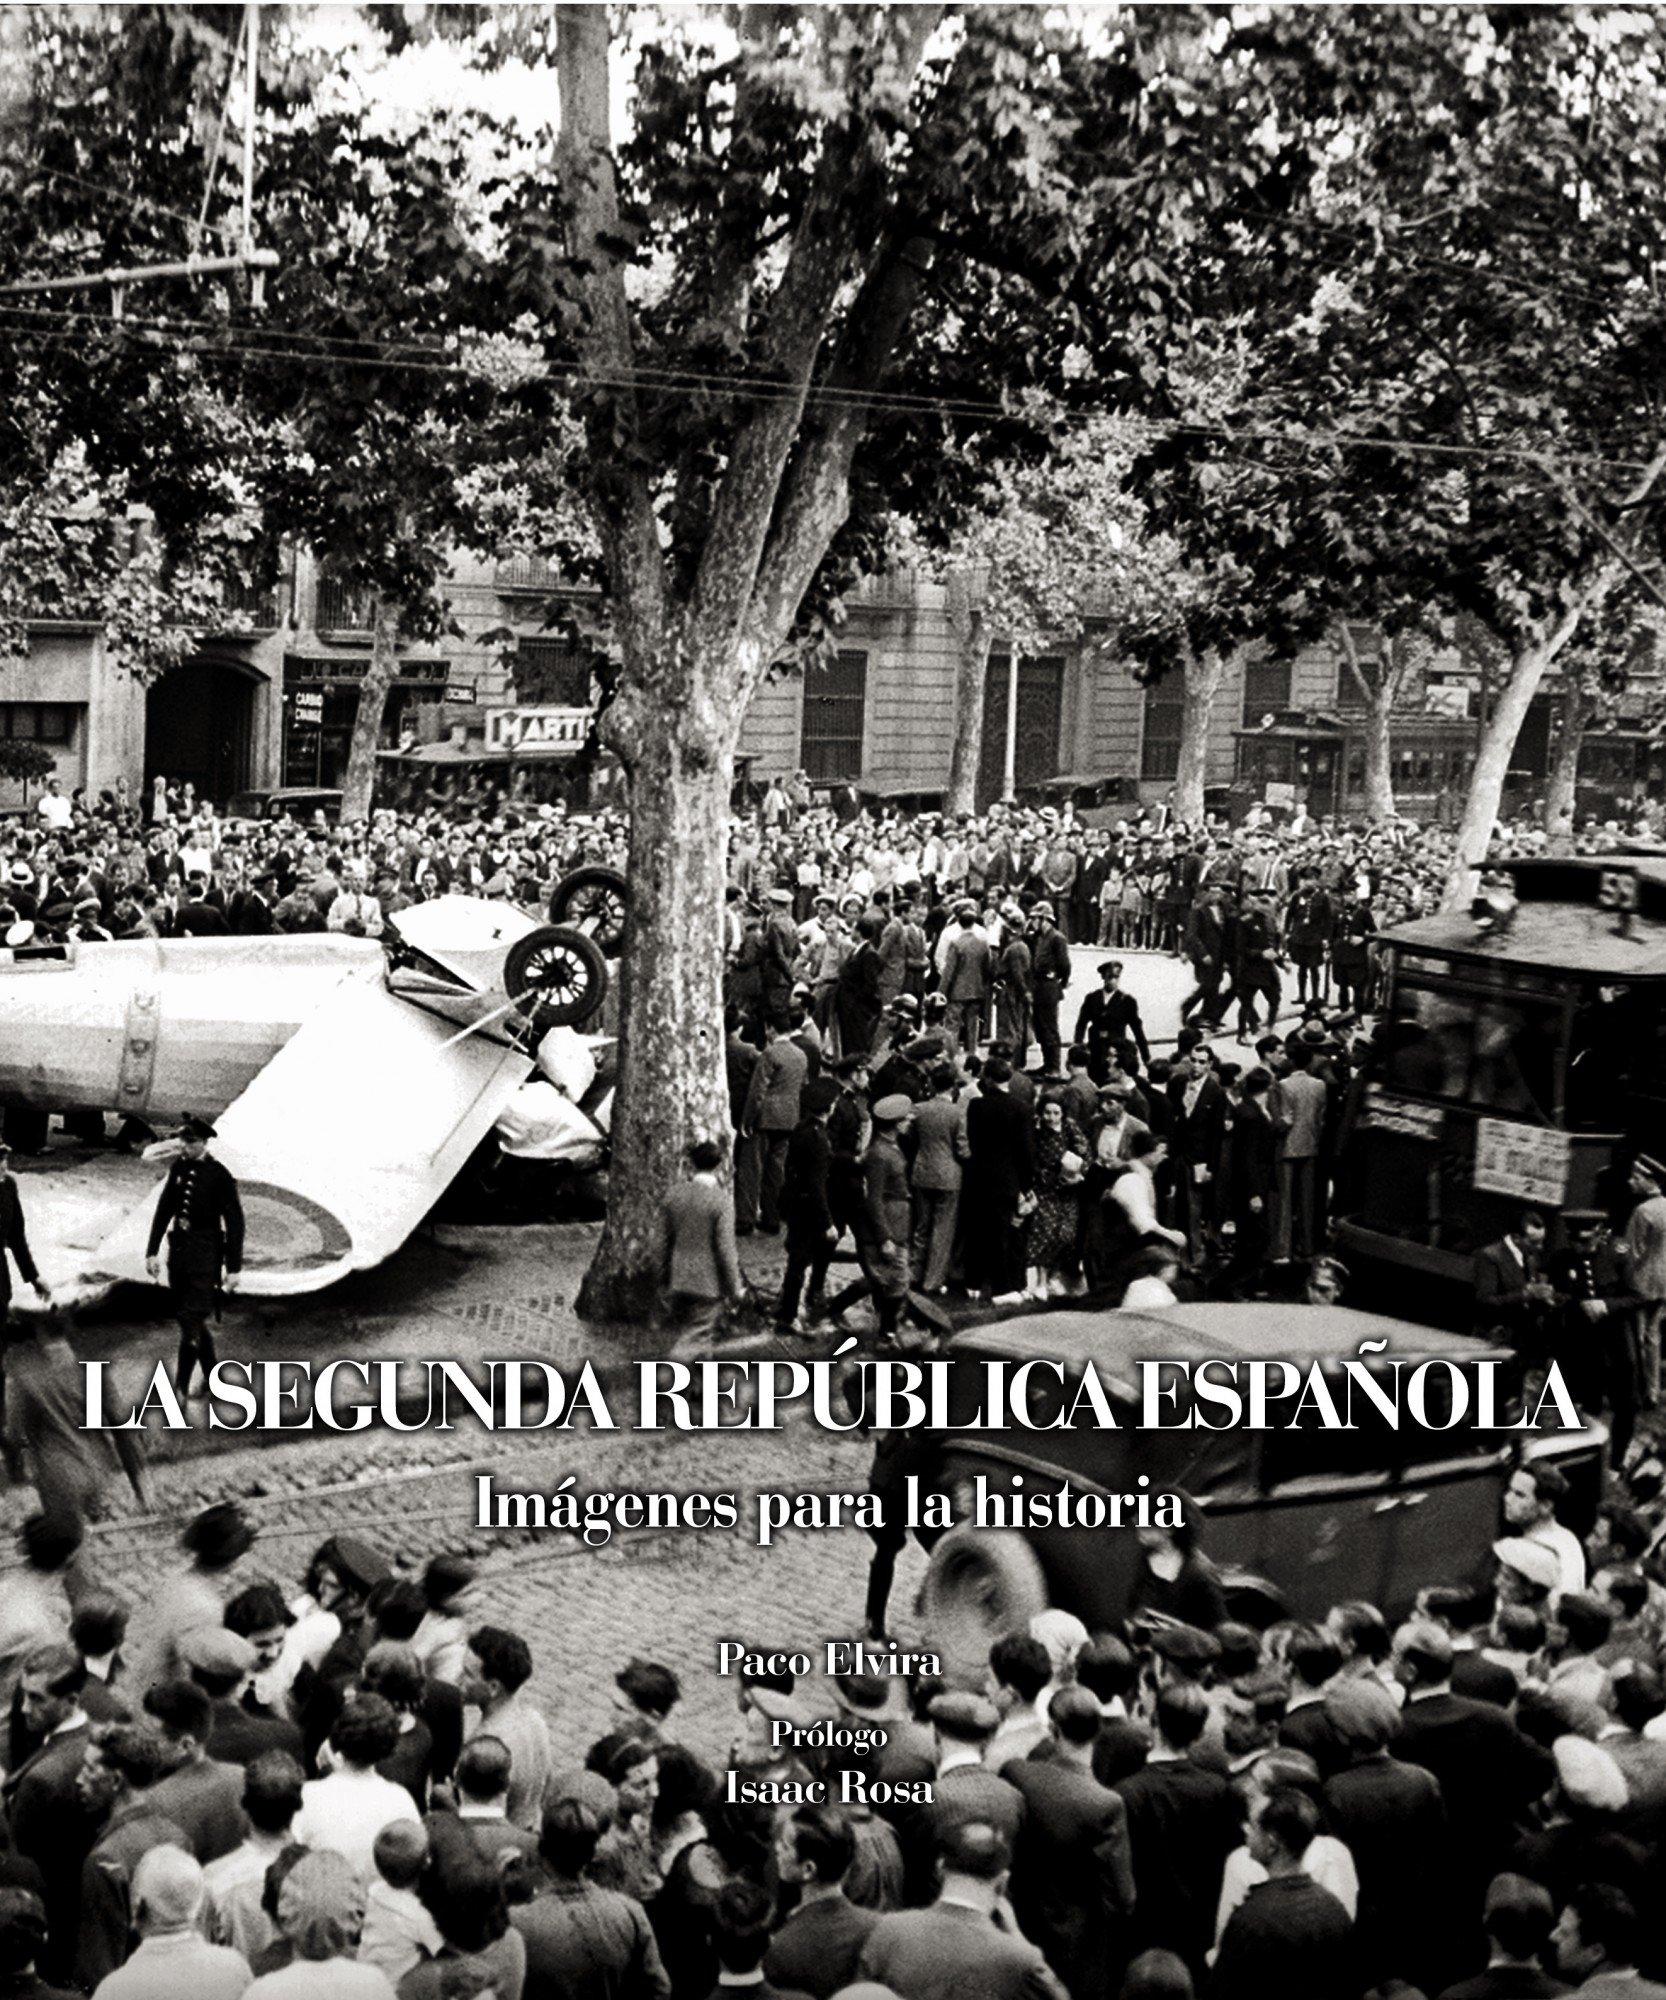 La Segunda República Española. Imágenes para la historia Imagenes Para La Historia: Amazon.es: Elvira, Paco: Libros